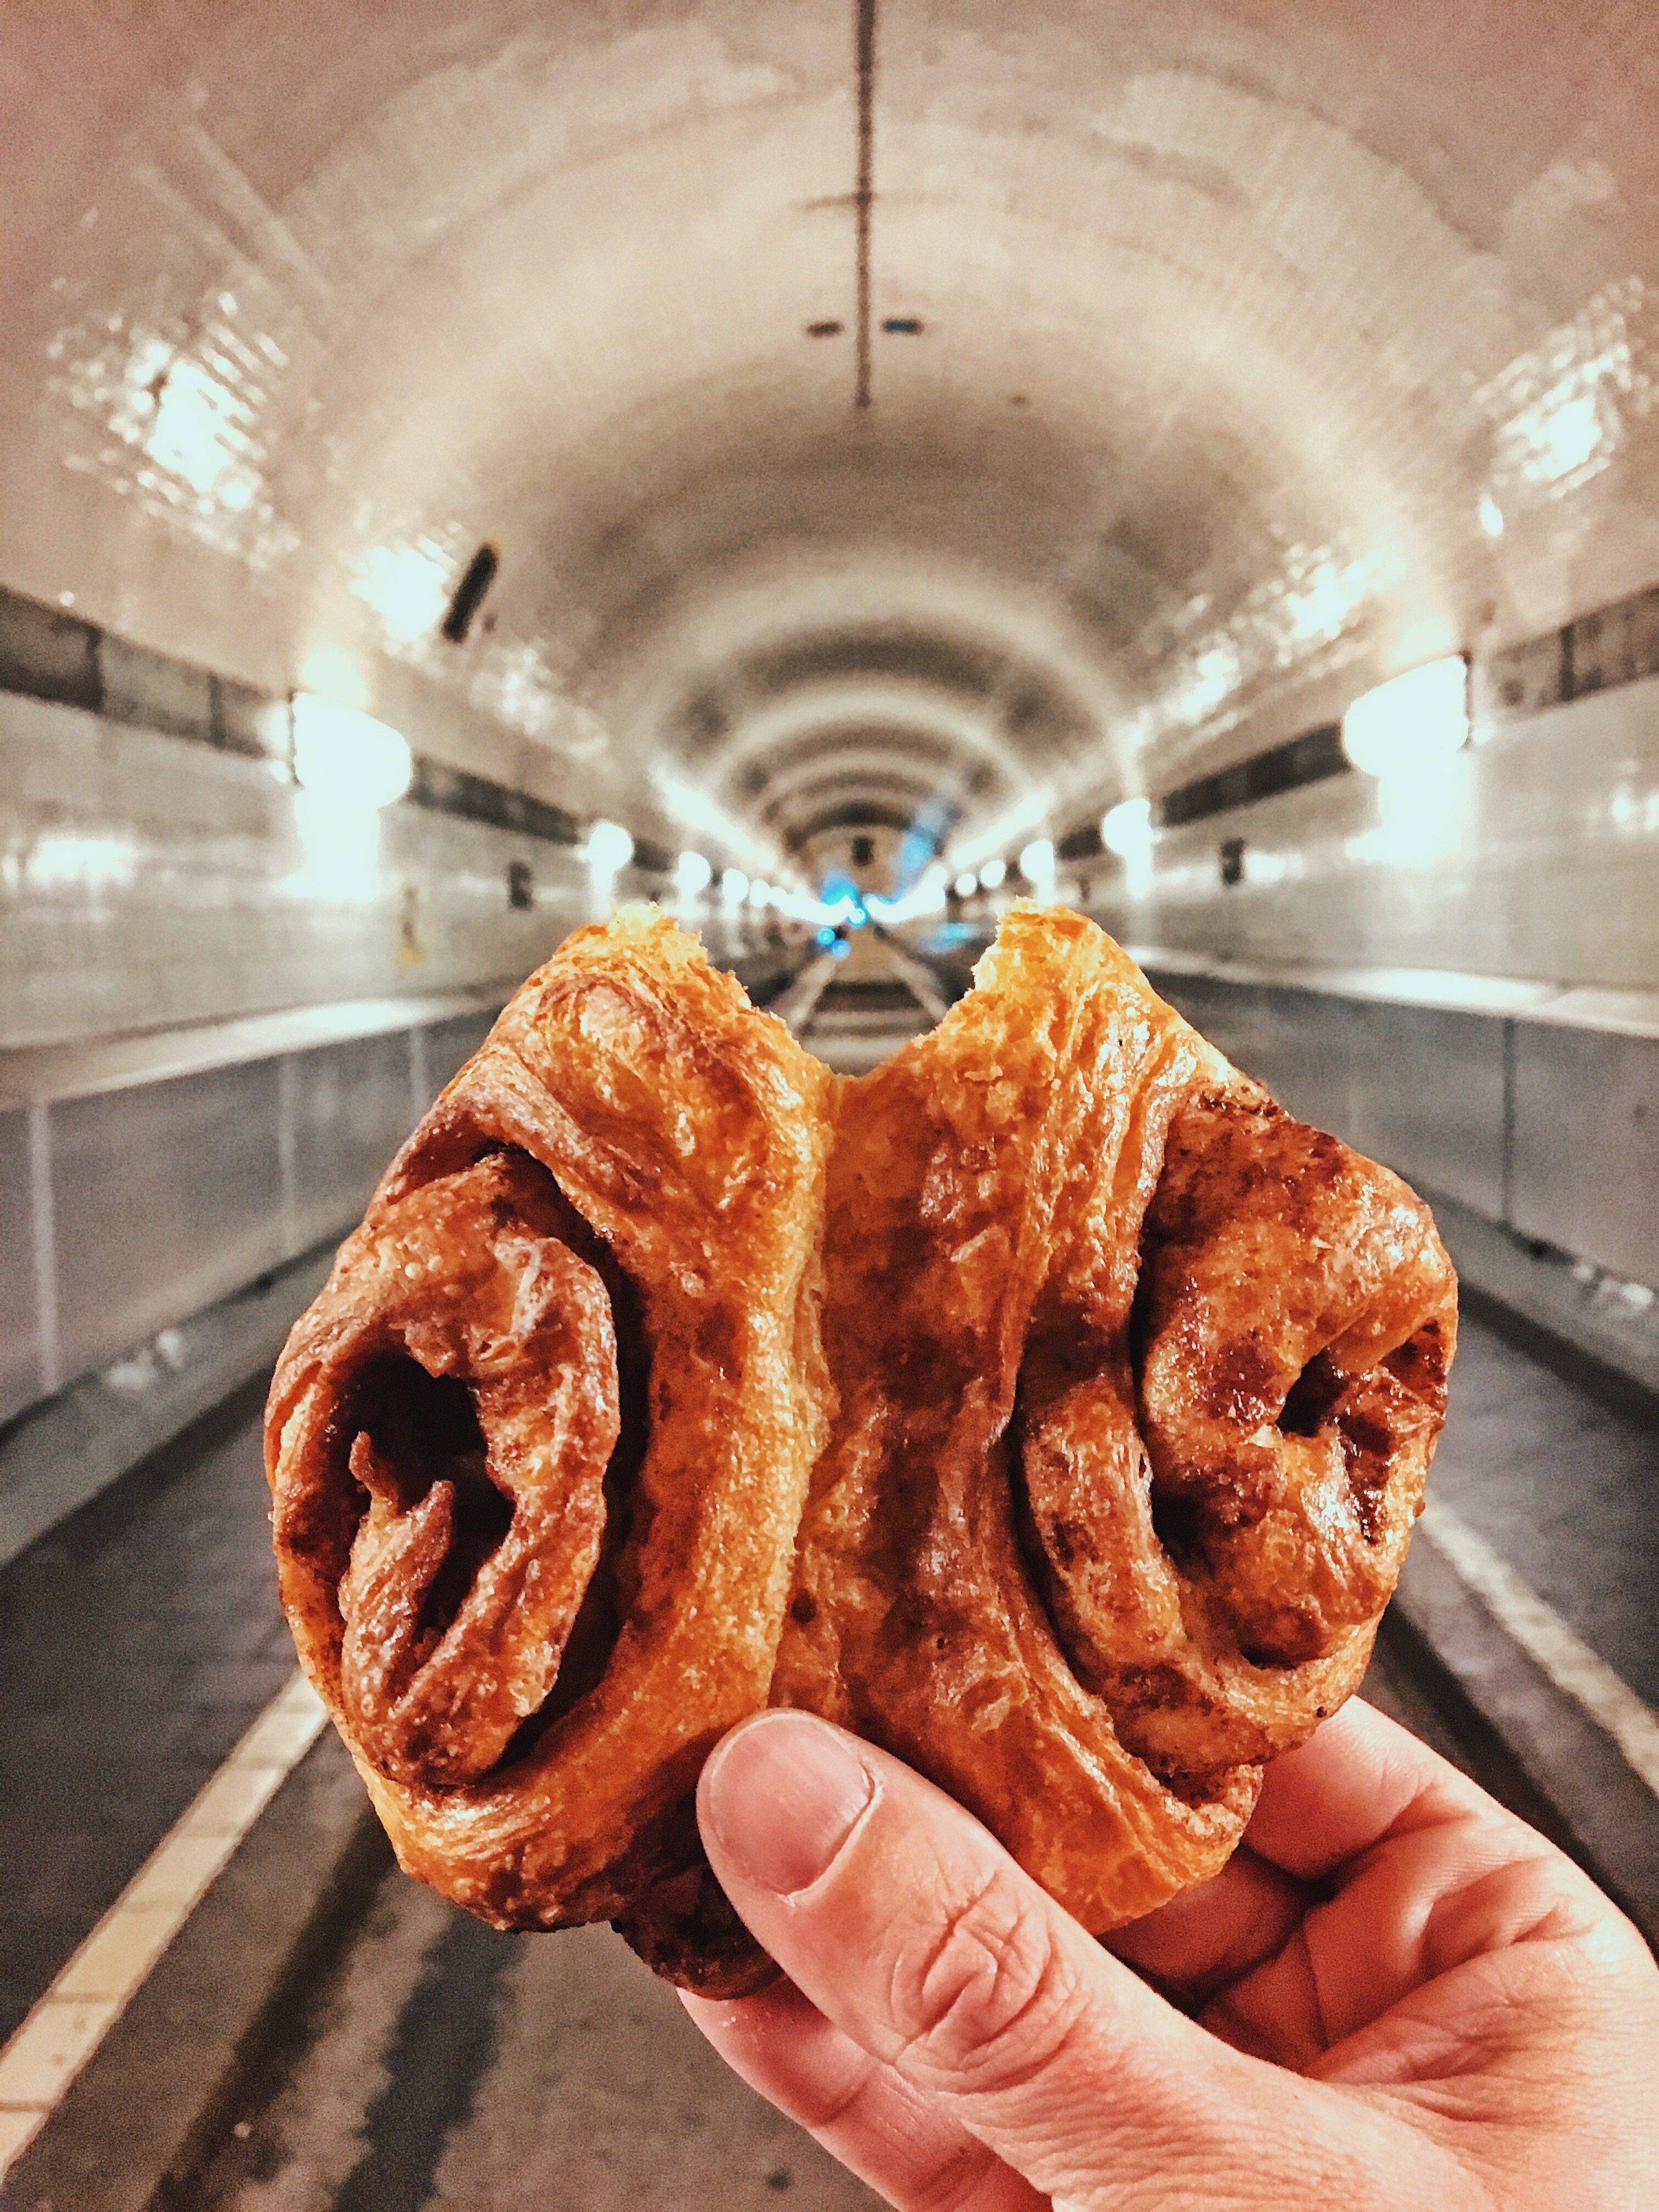 Das Hamburger Franzbrötchen im Elbtunnel von St. Pauli : Ein Genuss, findet Frau Elbville aka Susanne Krieg